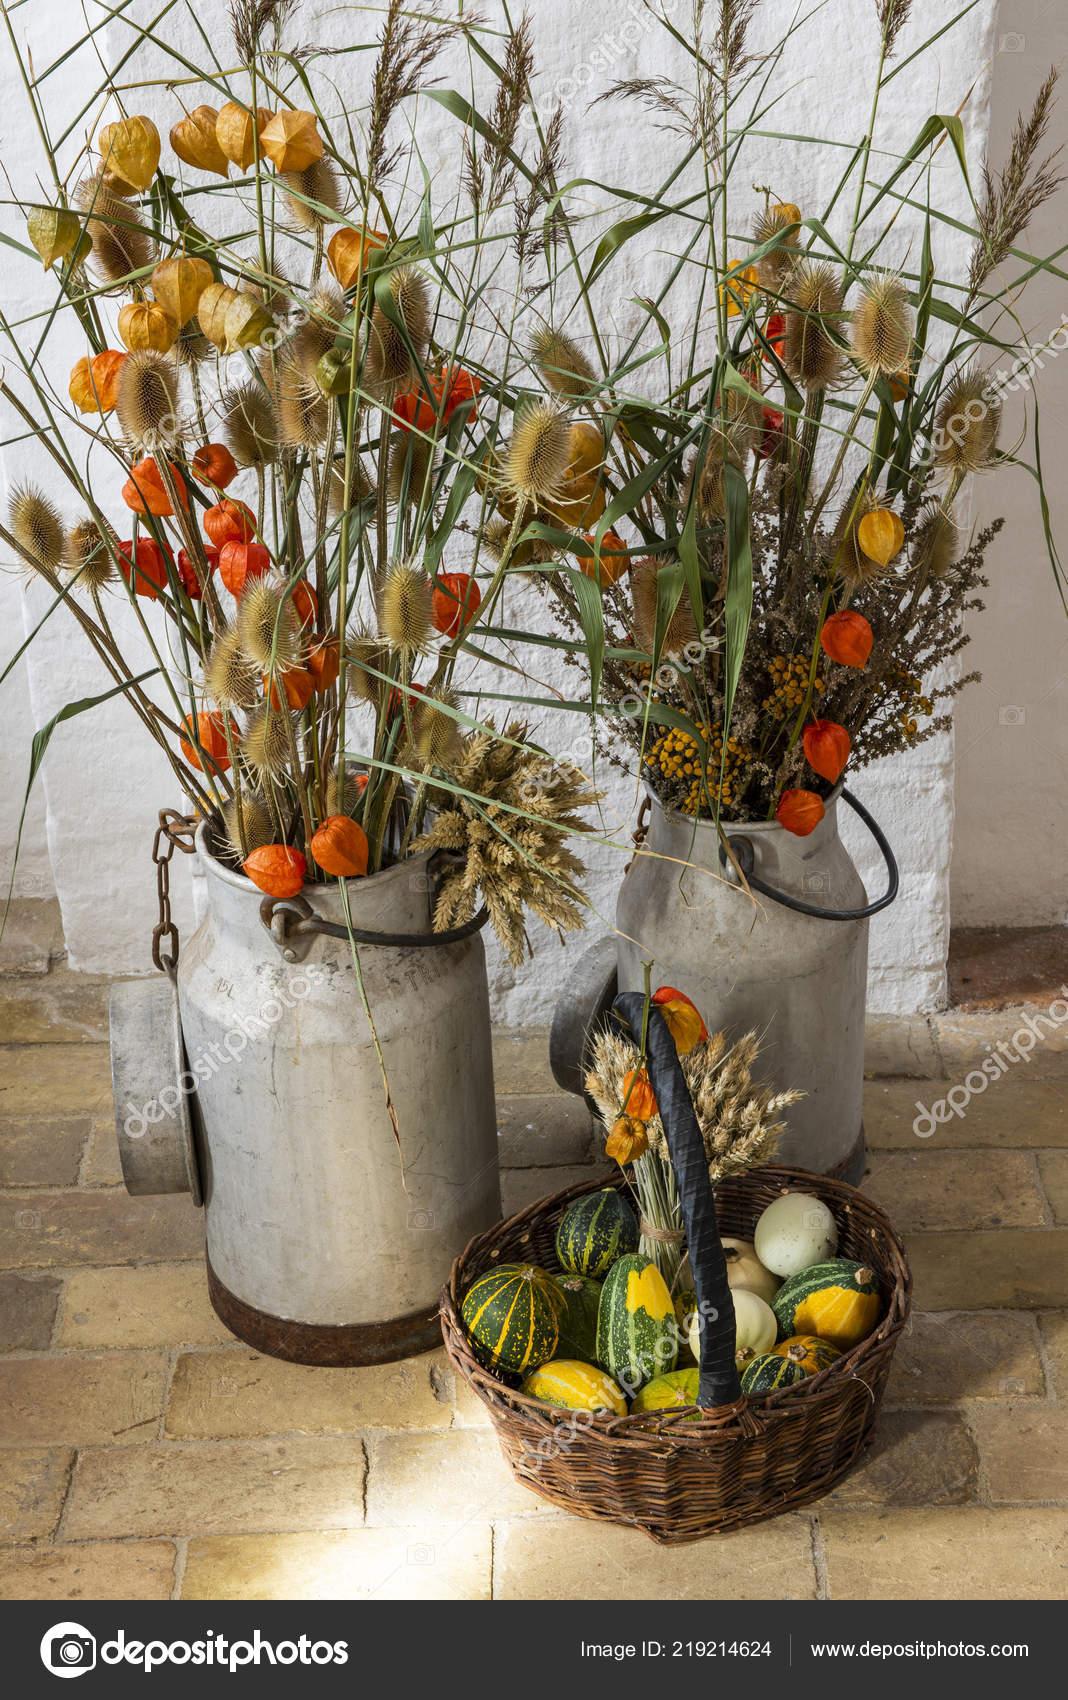 Mon Denmark September 2018 Interior Fanefjord Church Autumn Flowers Stock Photo C Kloeg008 219214624